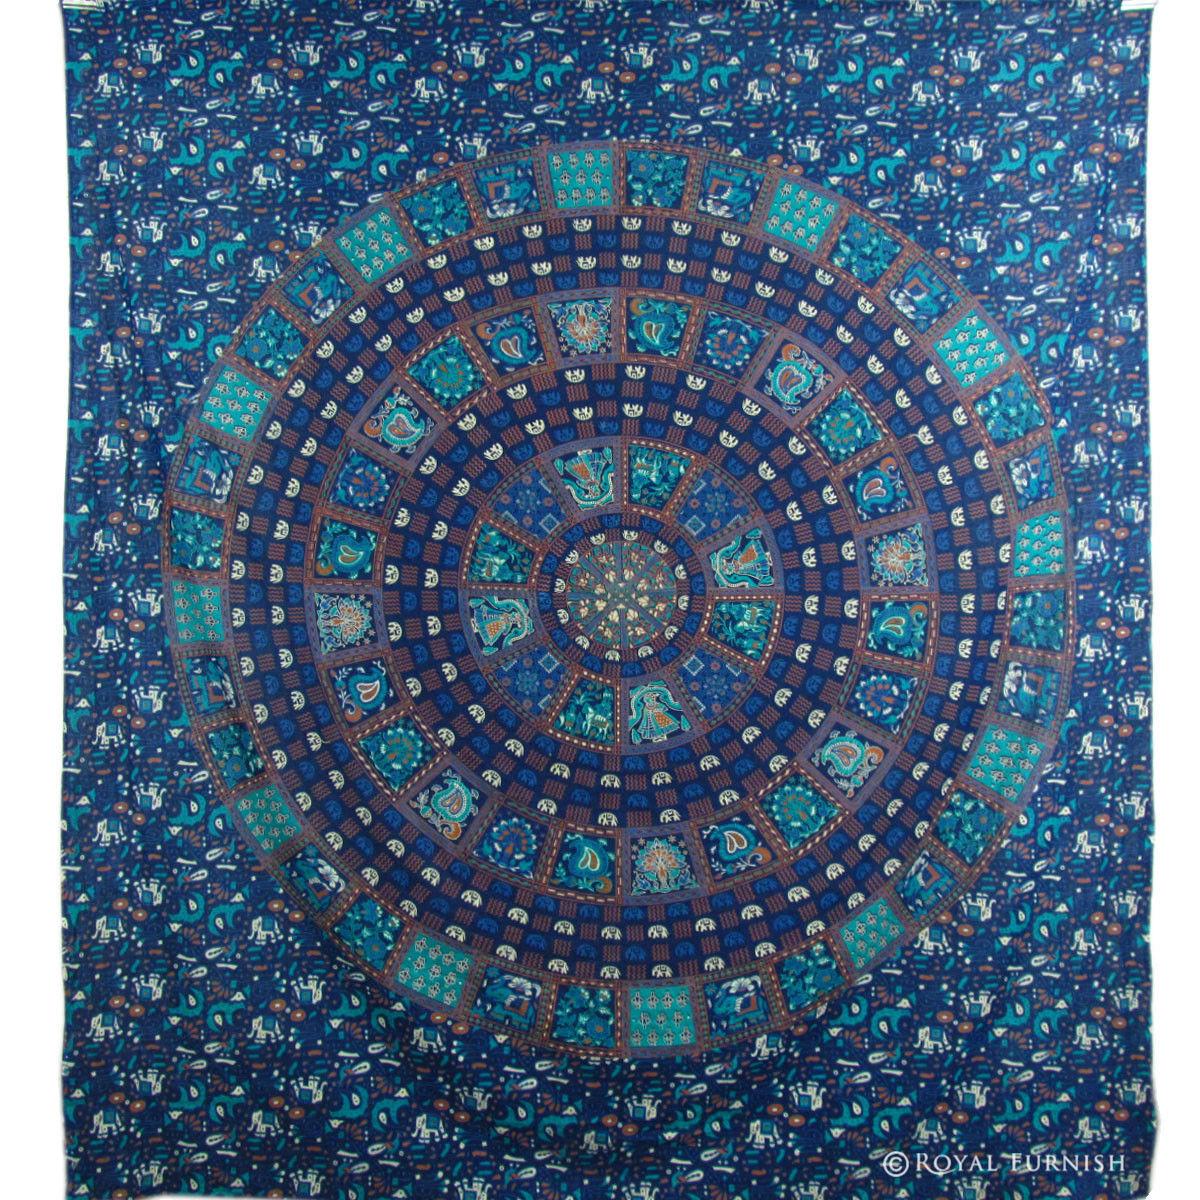 Mandala Wall Art Bohemian Tapestry